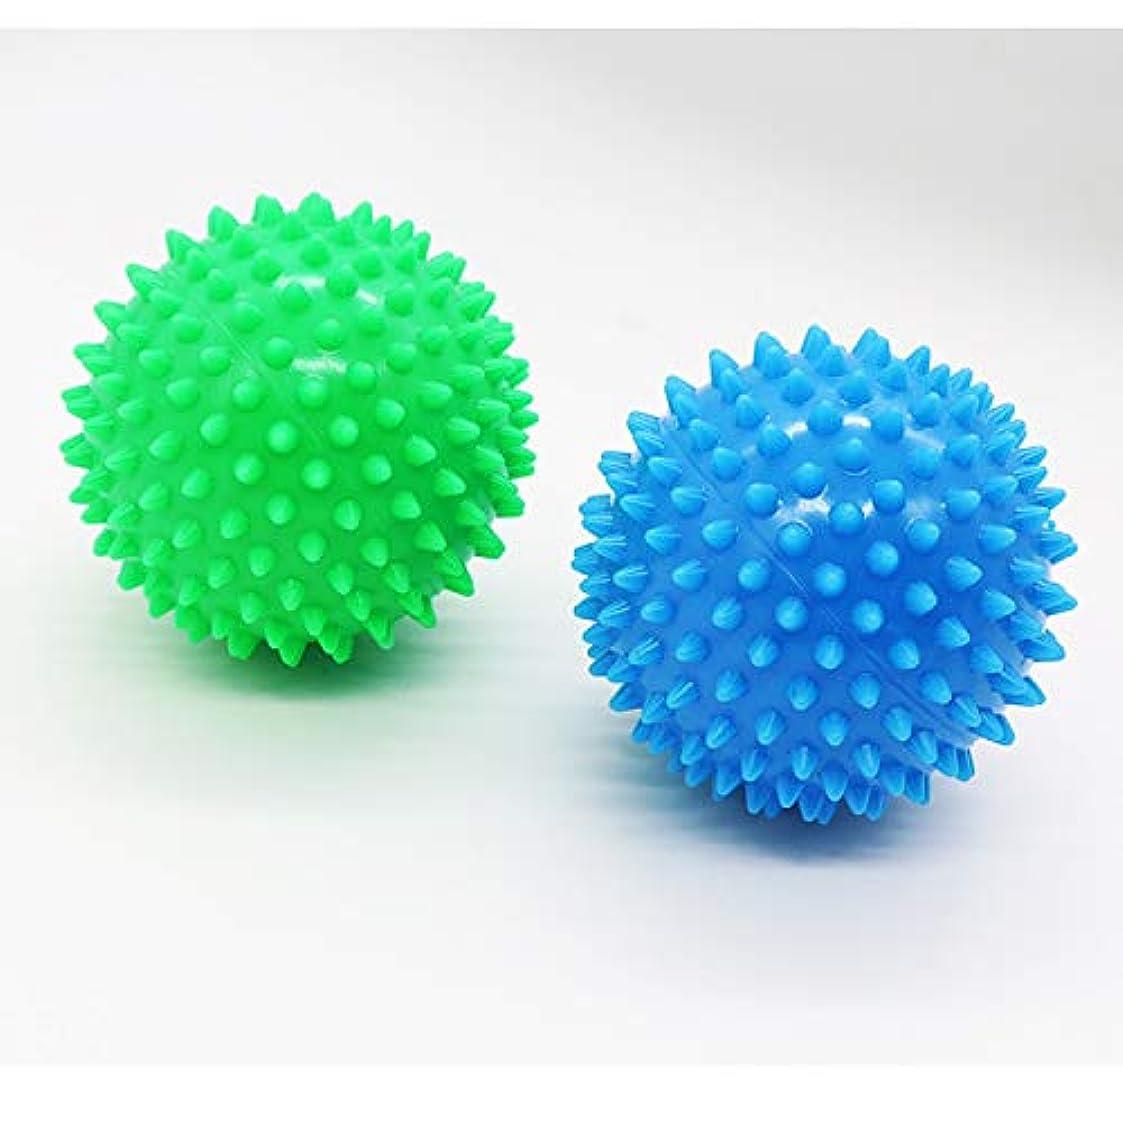 製造業ハブうねるDreecy マッサージボール(2個セット)触覚ボール リフレックスボール トレーニングボール  ポイントマッサージ 筋筋膜リリース 筋肉緊張和らげ 血液循環促進 9cm(青+緑)